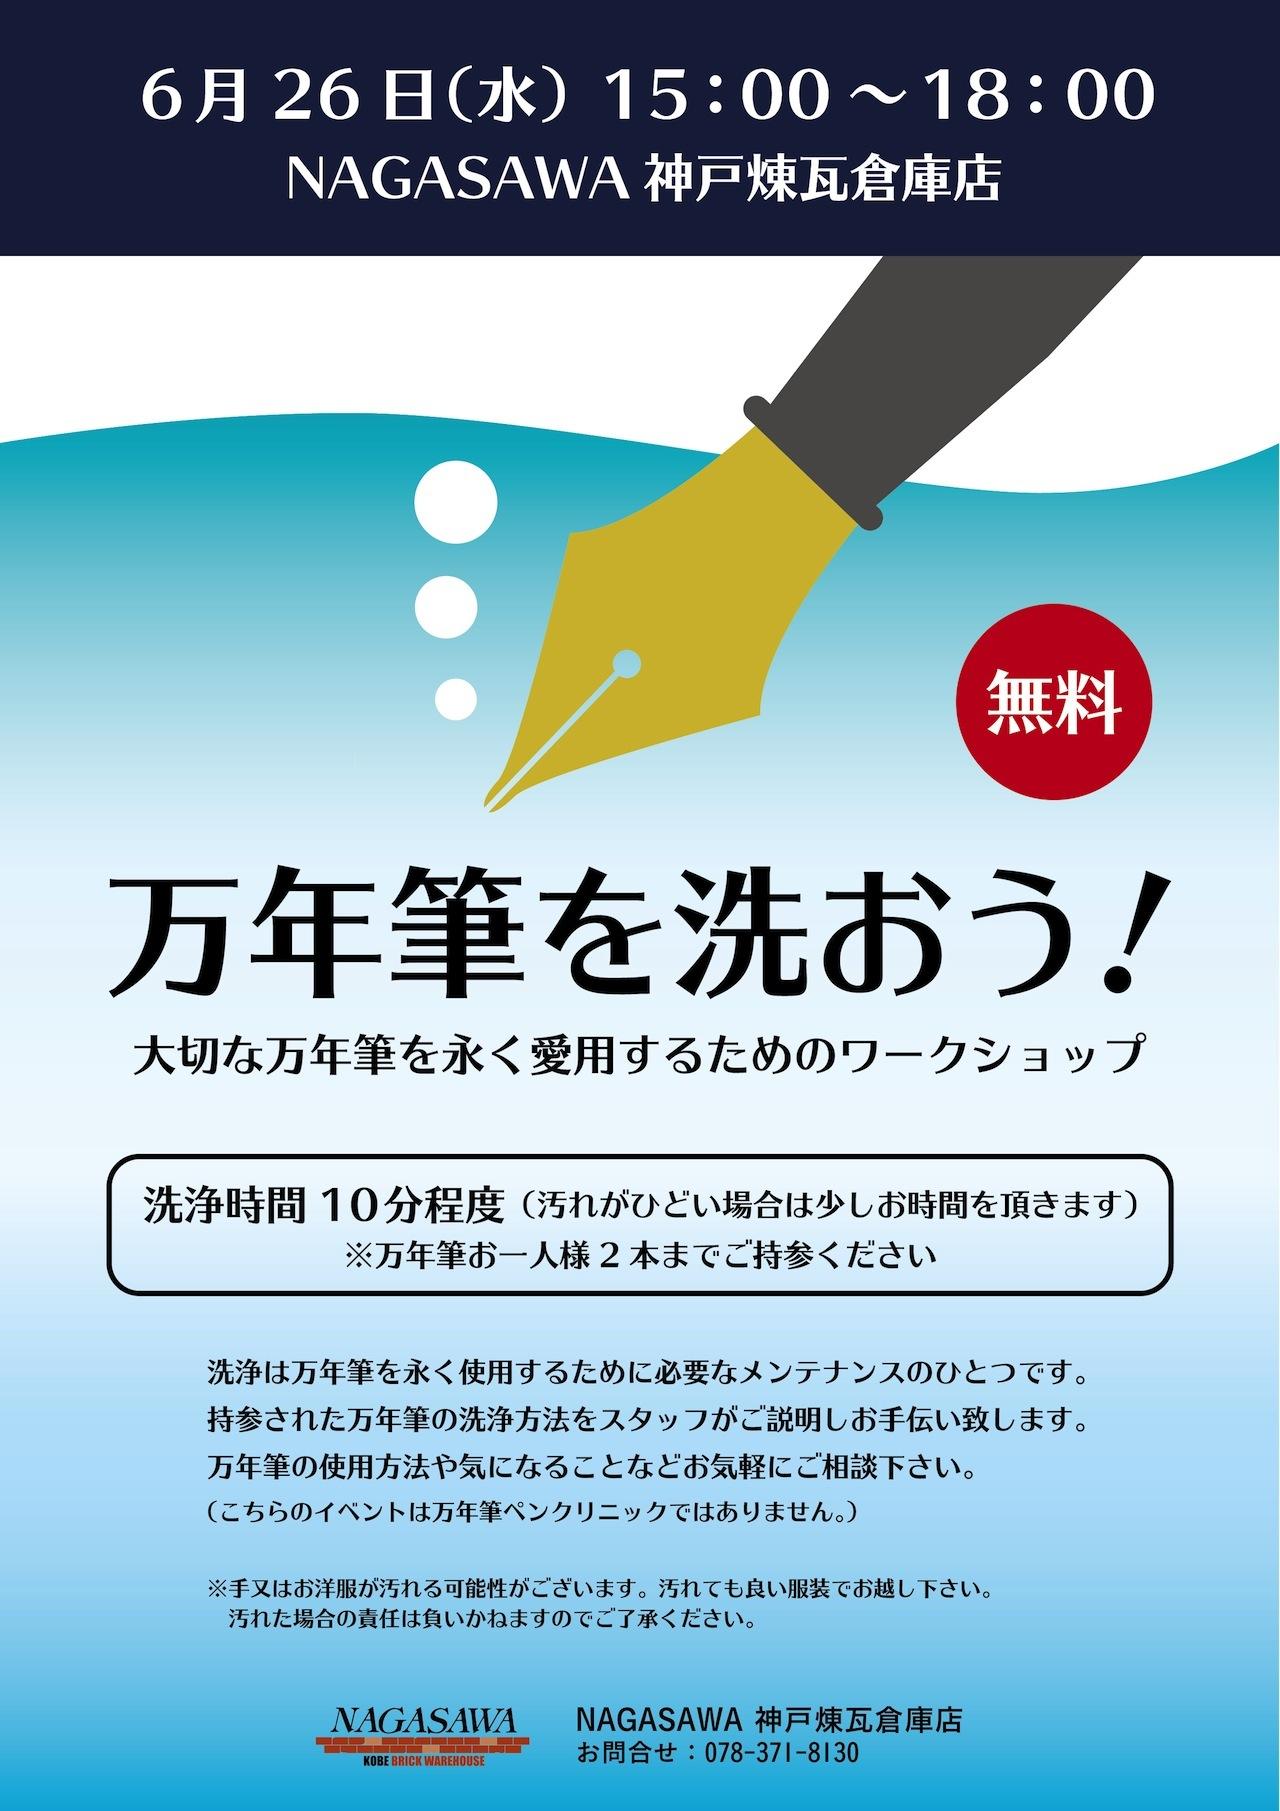 【神戸煉瓦倉庫店】大切な万年筆を永く愛用していただきたいと願いをこめて!